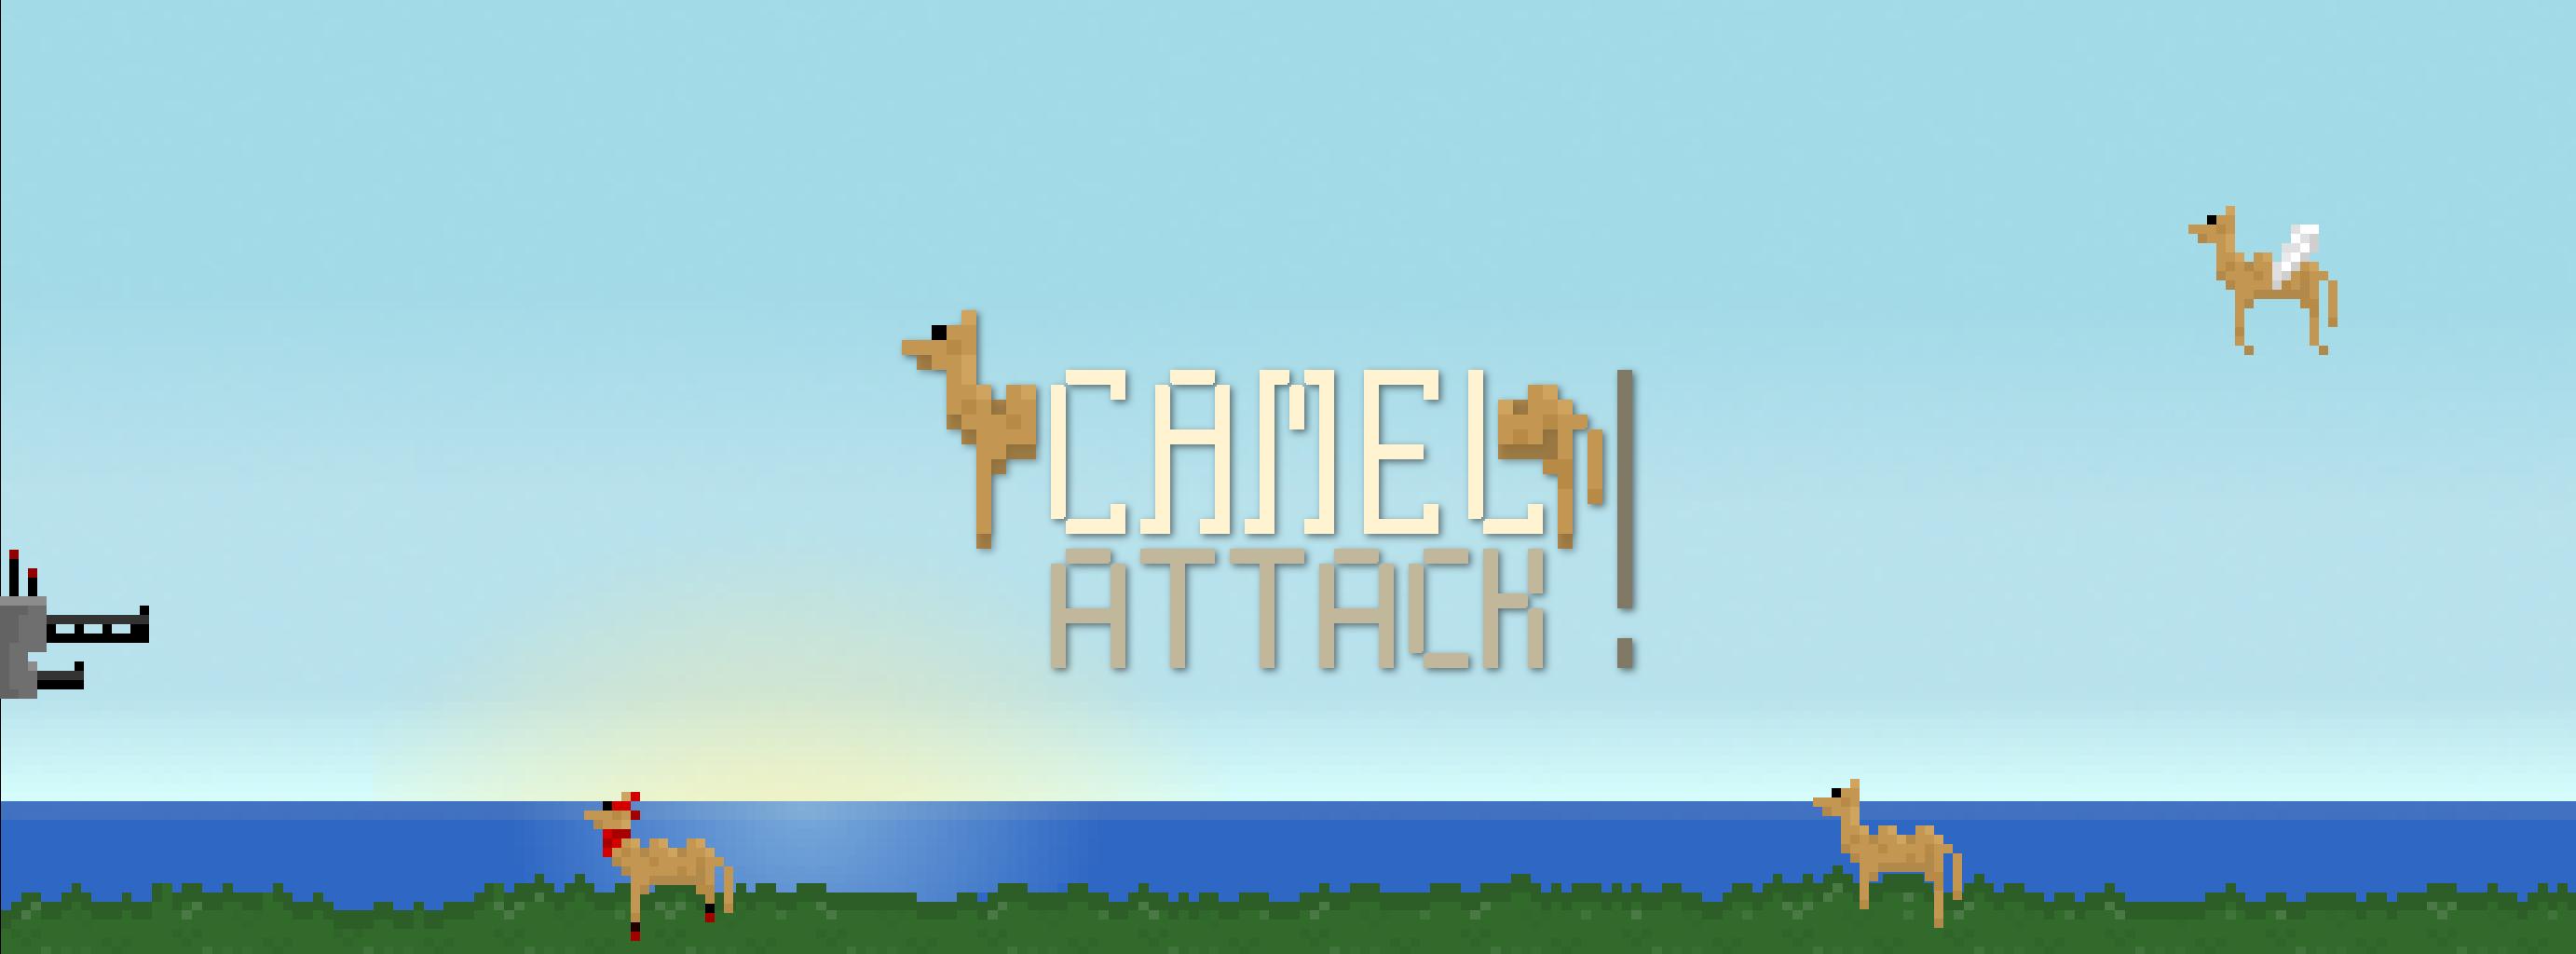 CamelAttack!